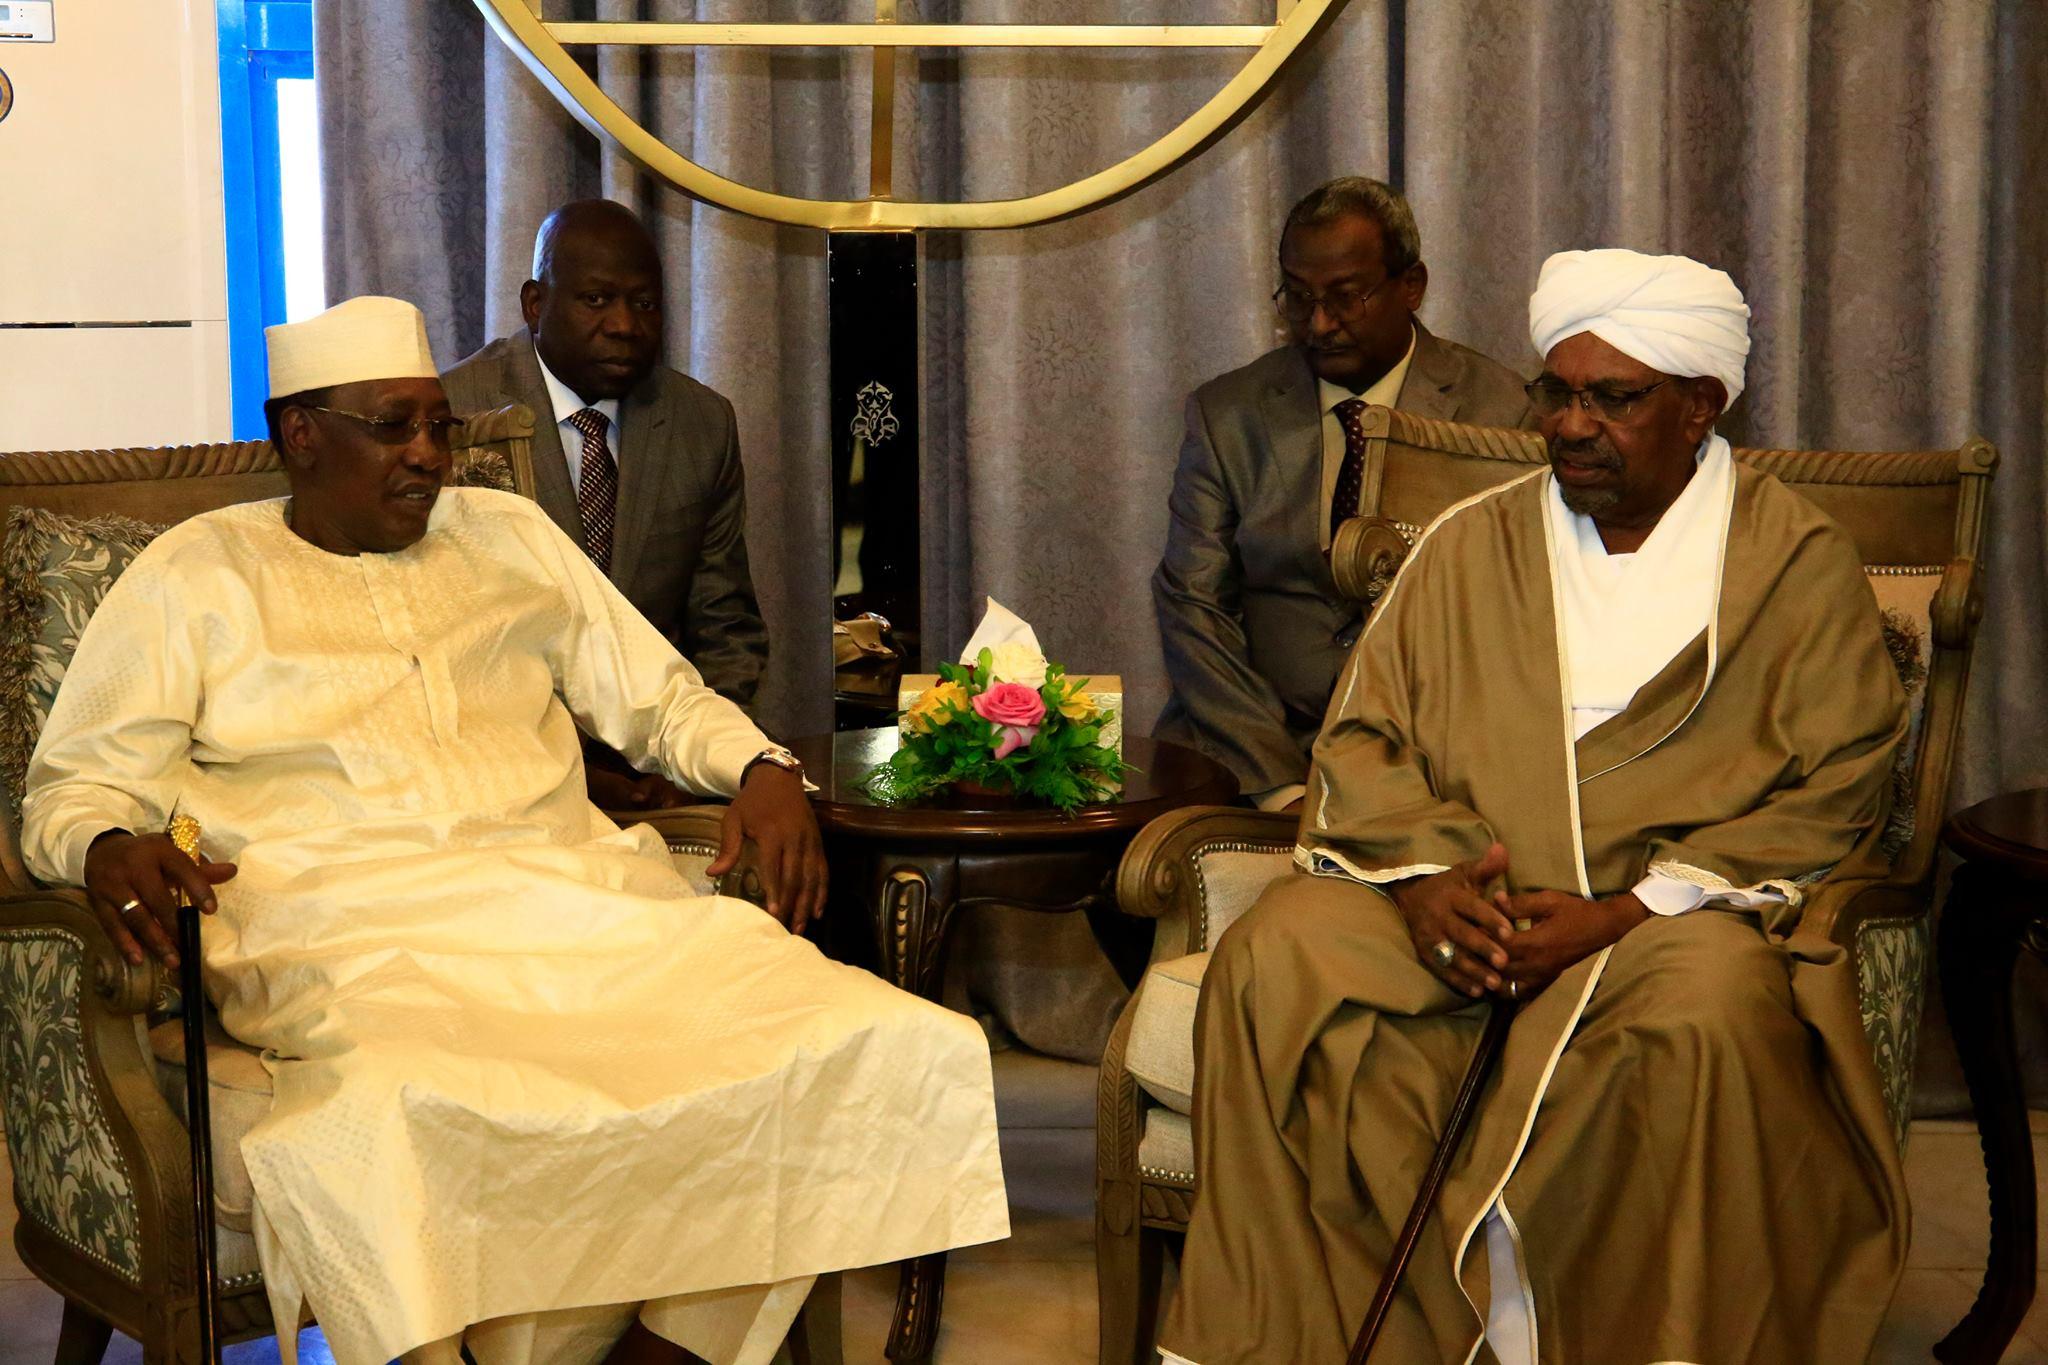 Idriss Déby et Hassan Omar El Béchir à Khartoum le jeudi 4 avril 2019. © DR